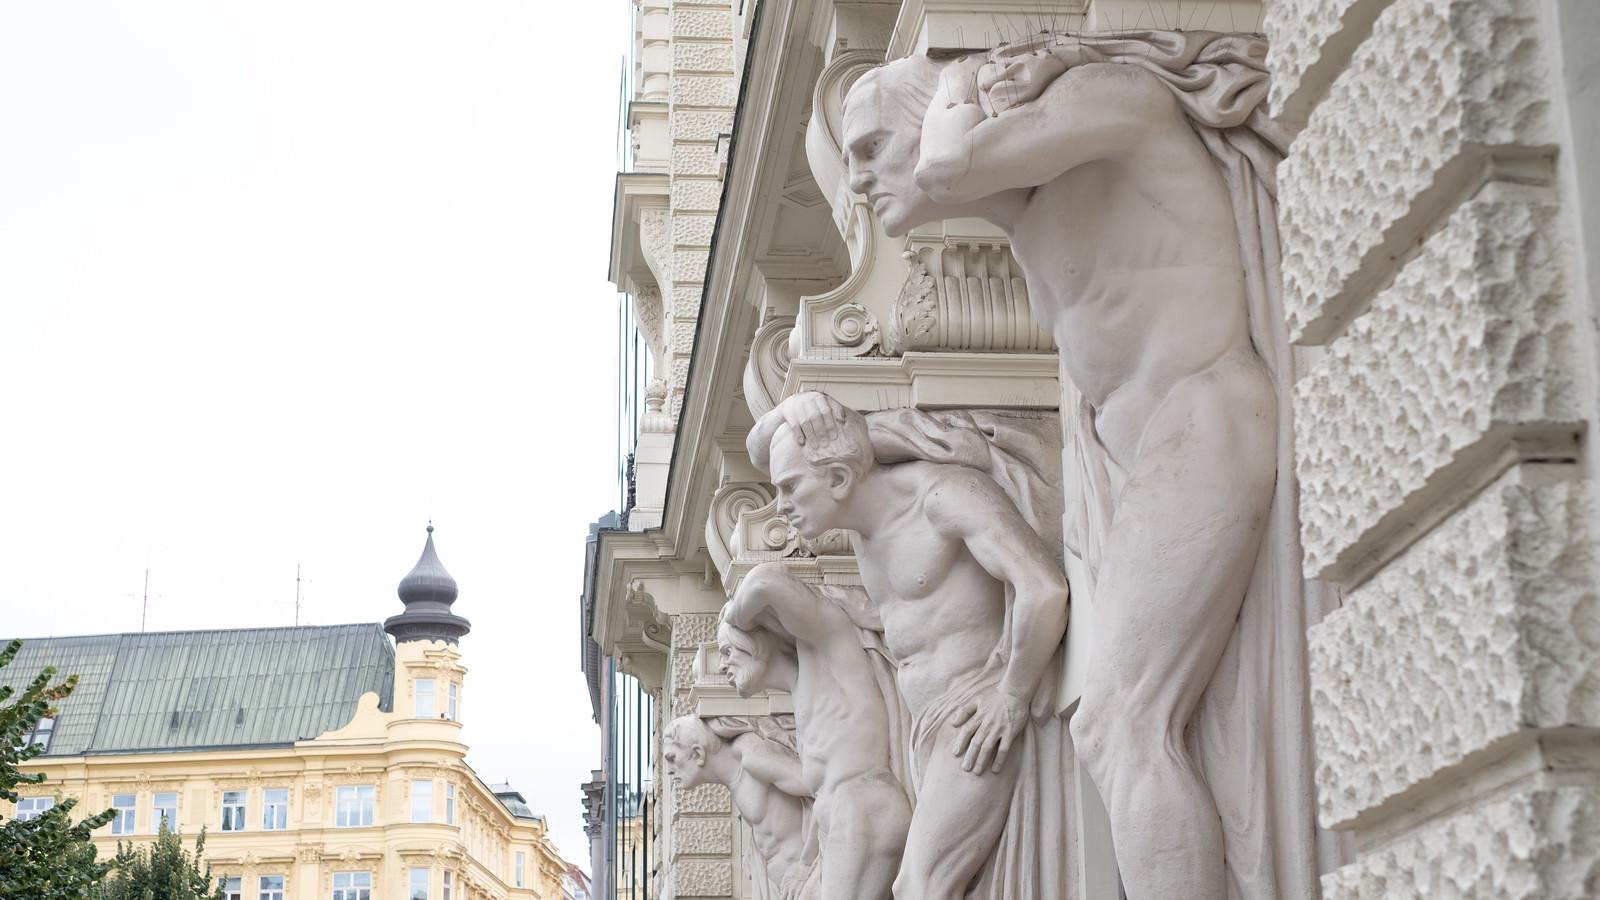 「建物の柱に彫刻されたオブジェ(チェコ共和国・ブルノ市)」の写真